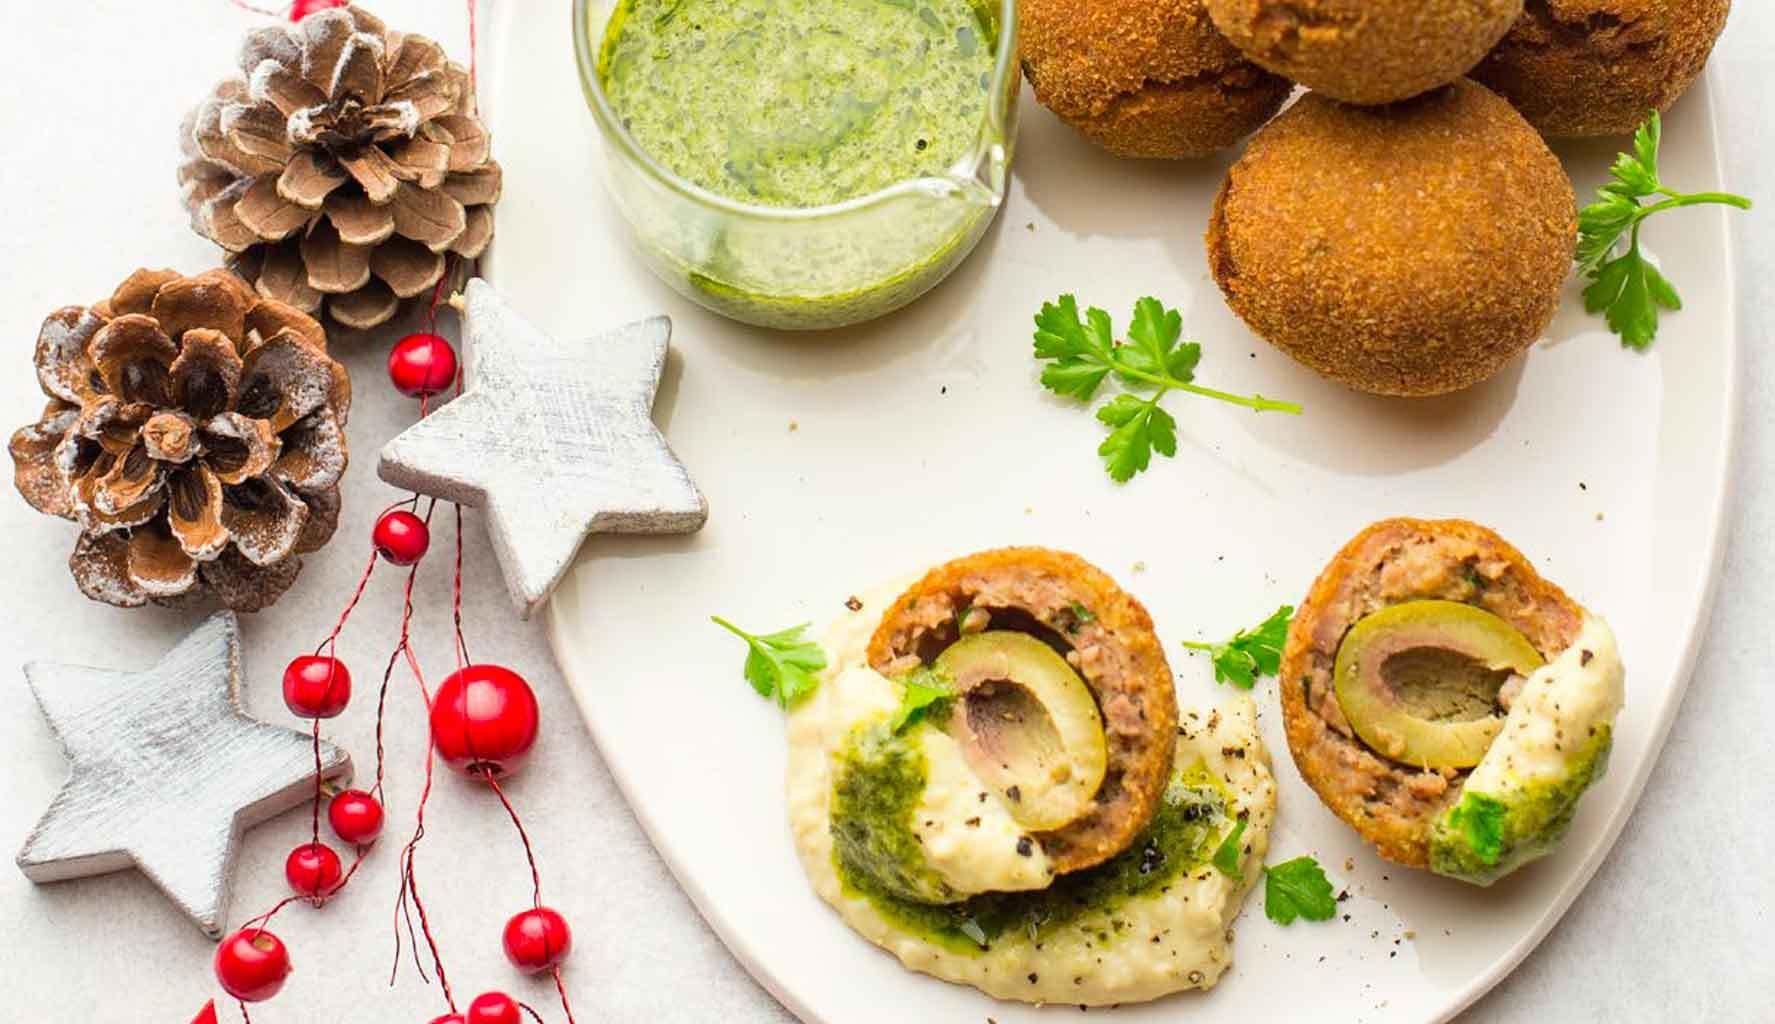 Ricetta Hummus Kenwood.Ricetta Olive All Ascolana Al Contrario Con Hummus Di Cannellini E Salsa Verde Ricette Kenwood Club